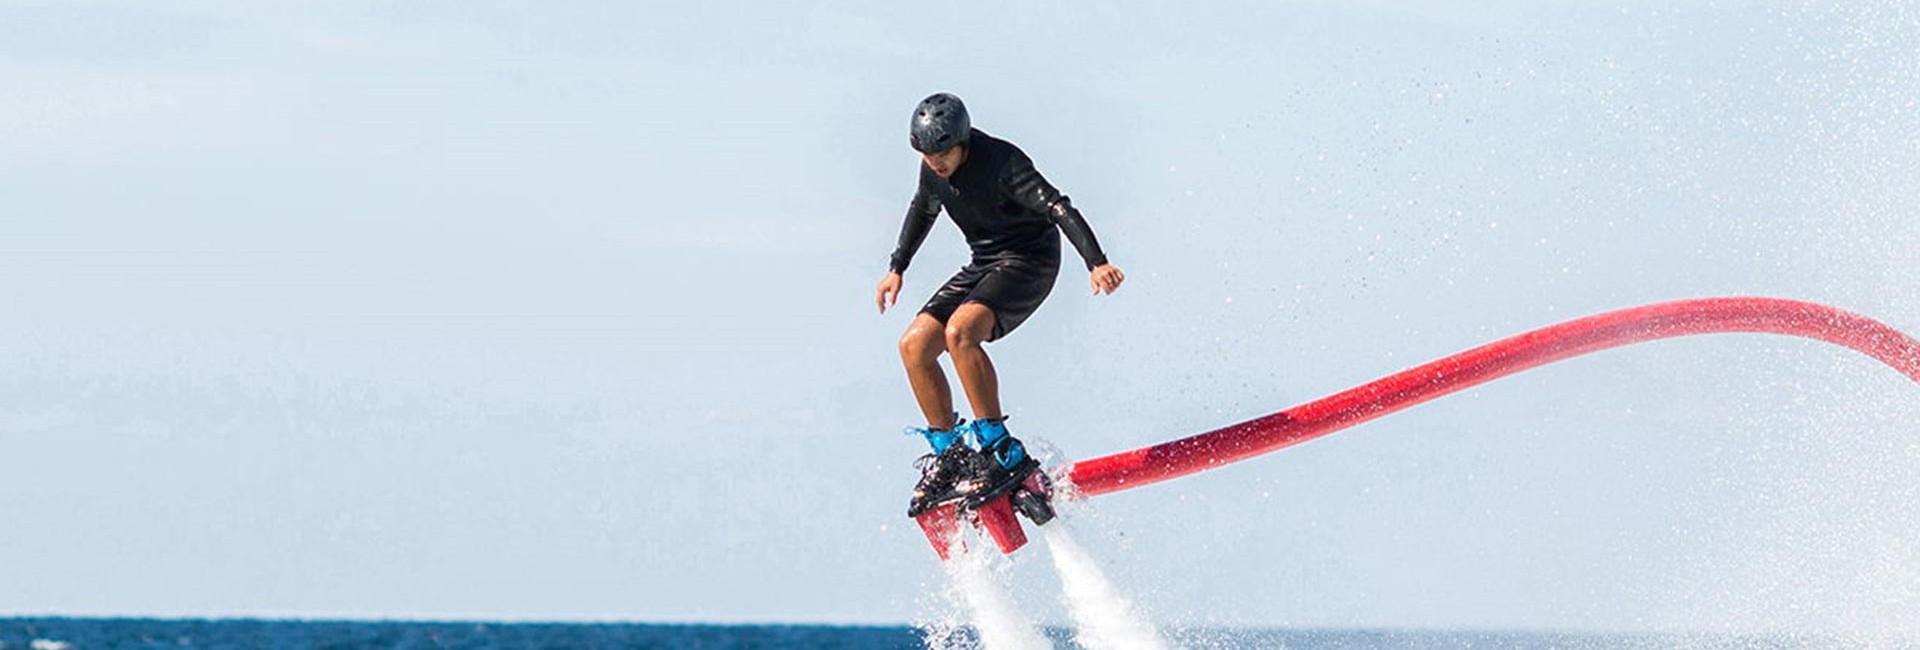 Dude flyboarding in West Palm Beach